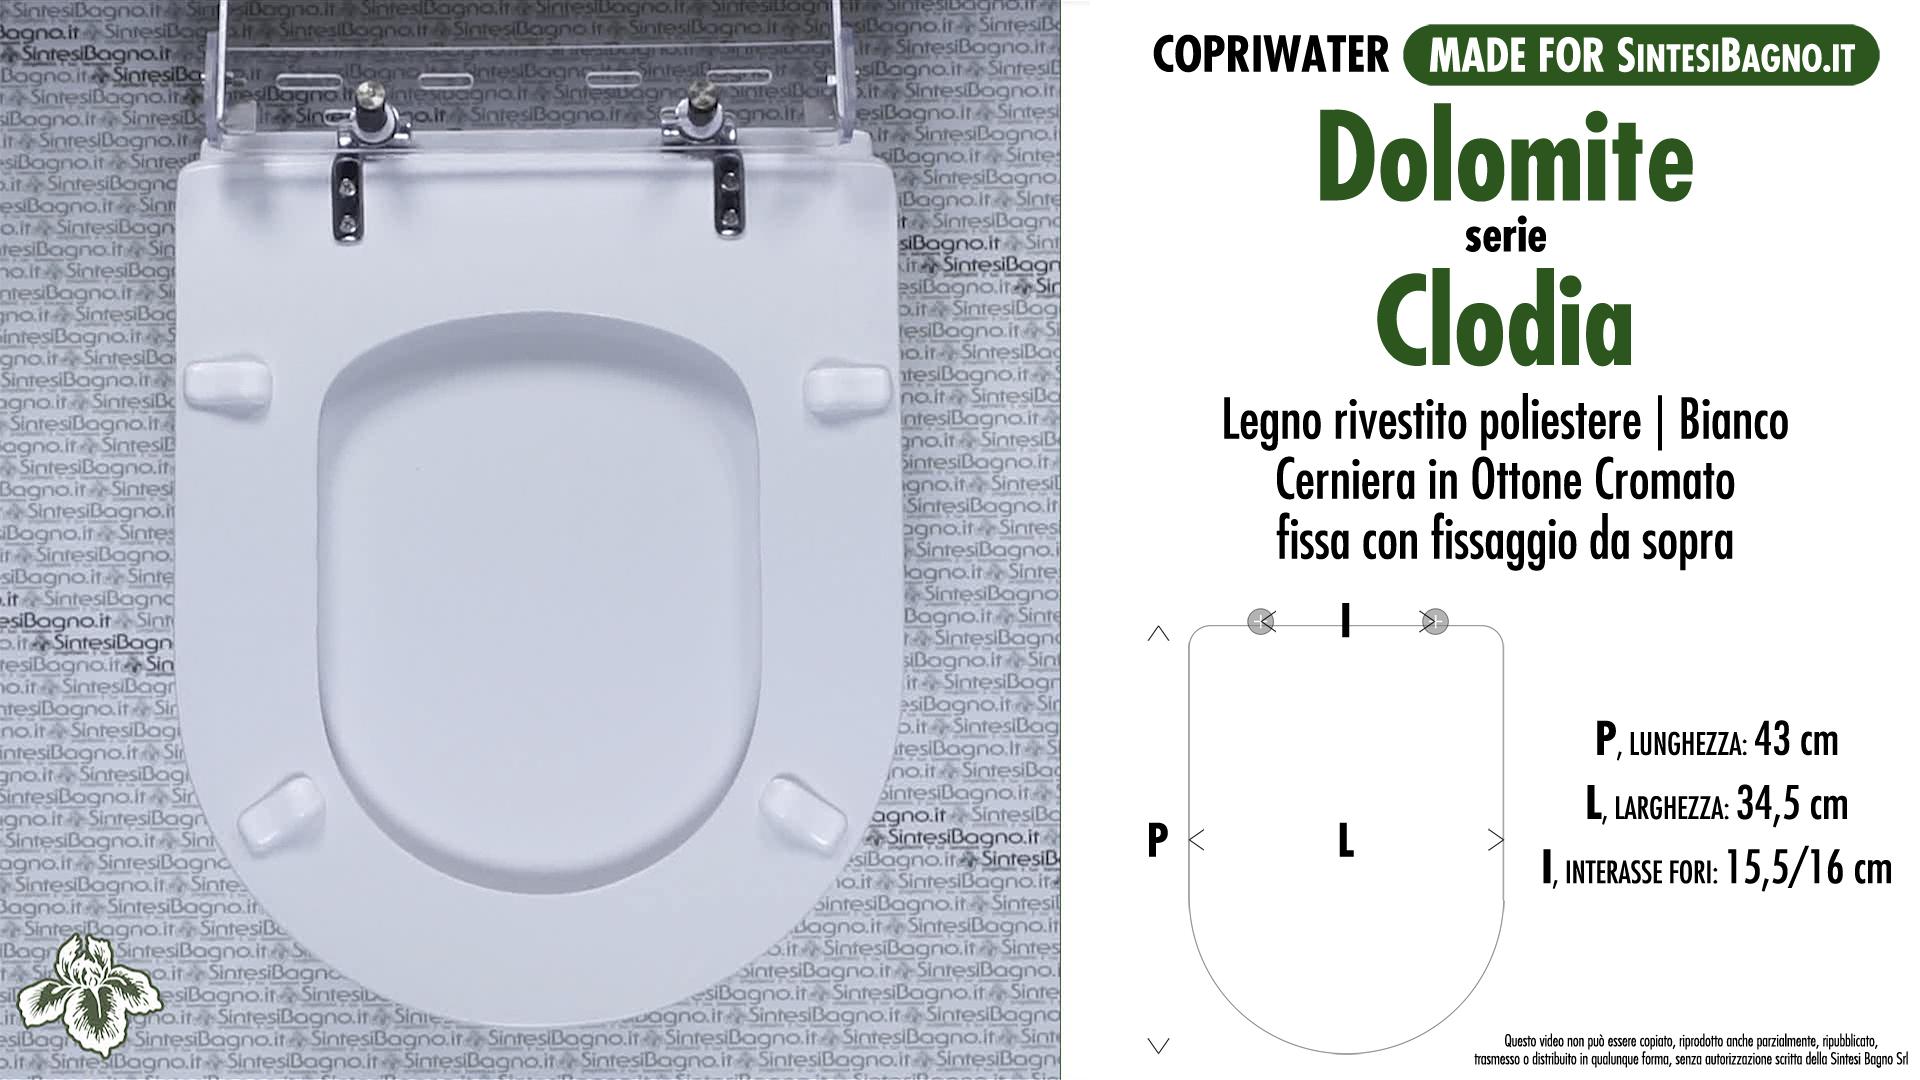 Copriwater per vaso clodia dolomite tipo dedicato for Dolomite serie clodia